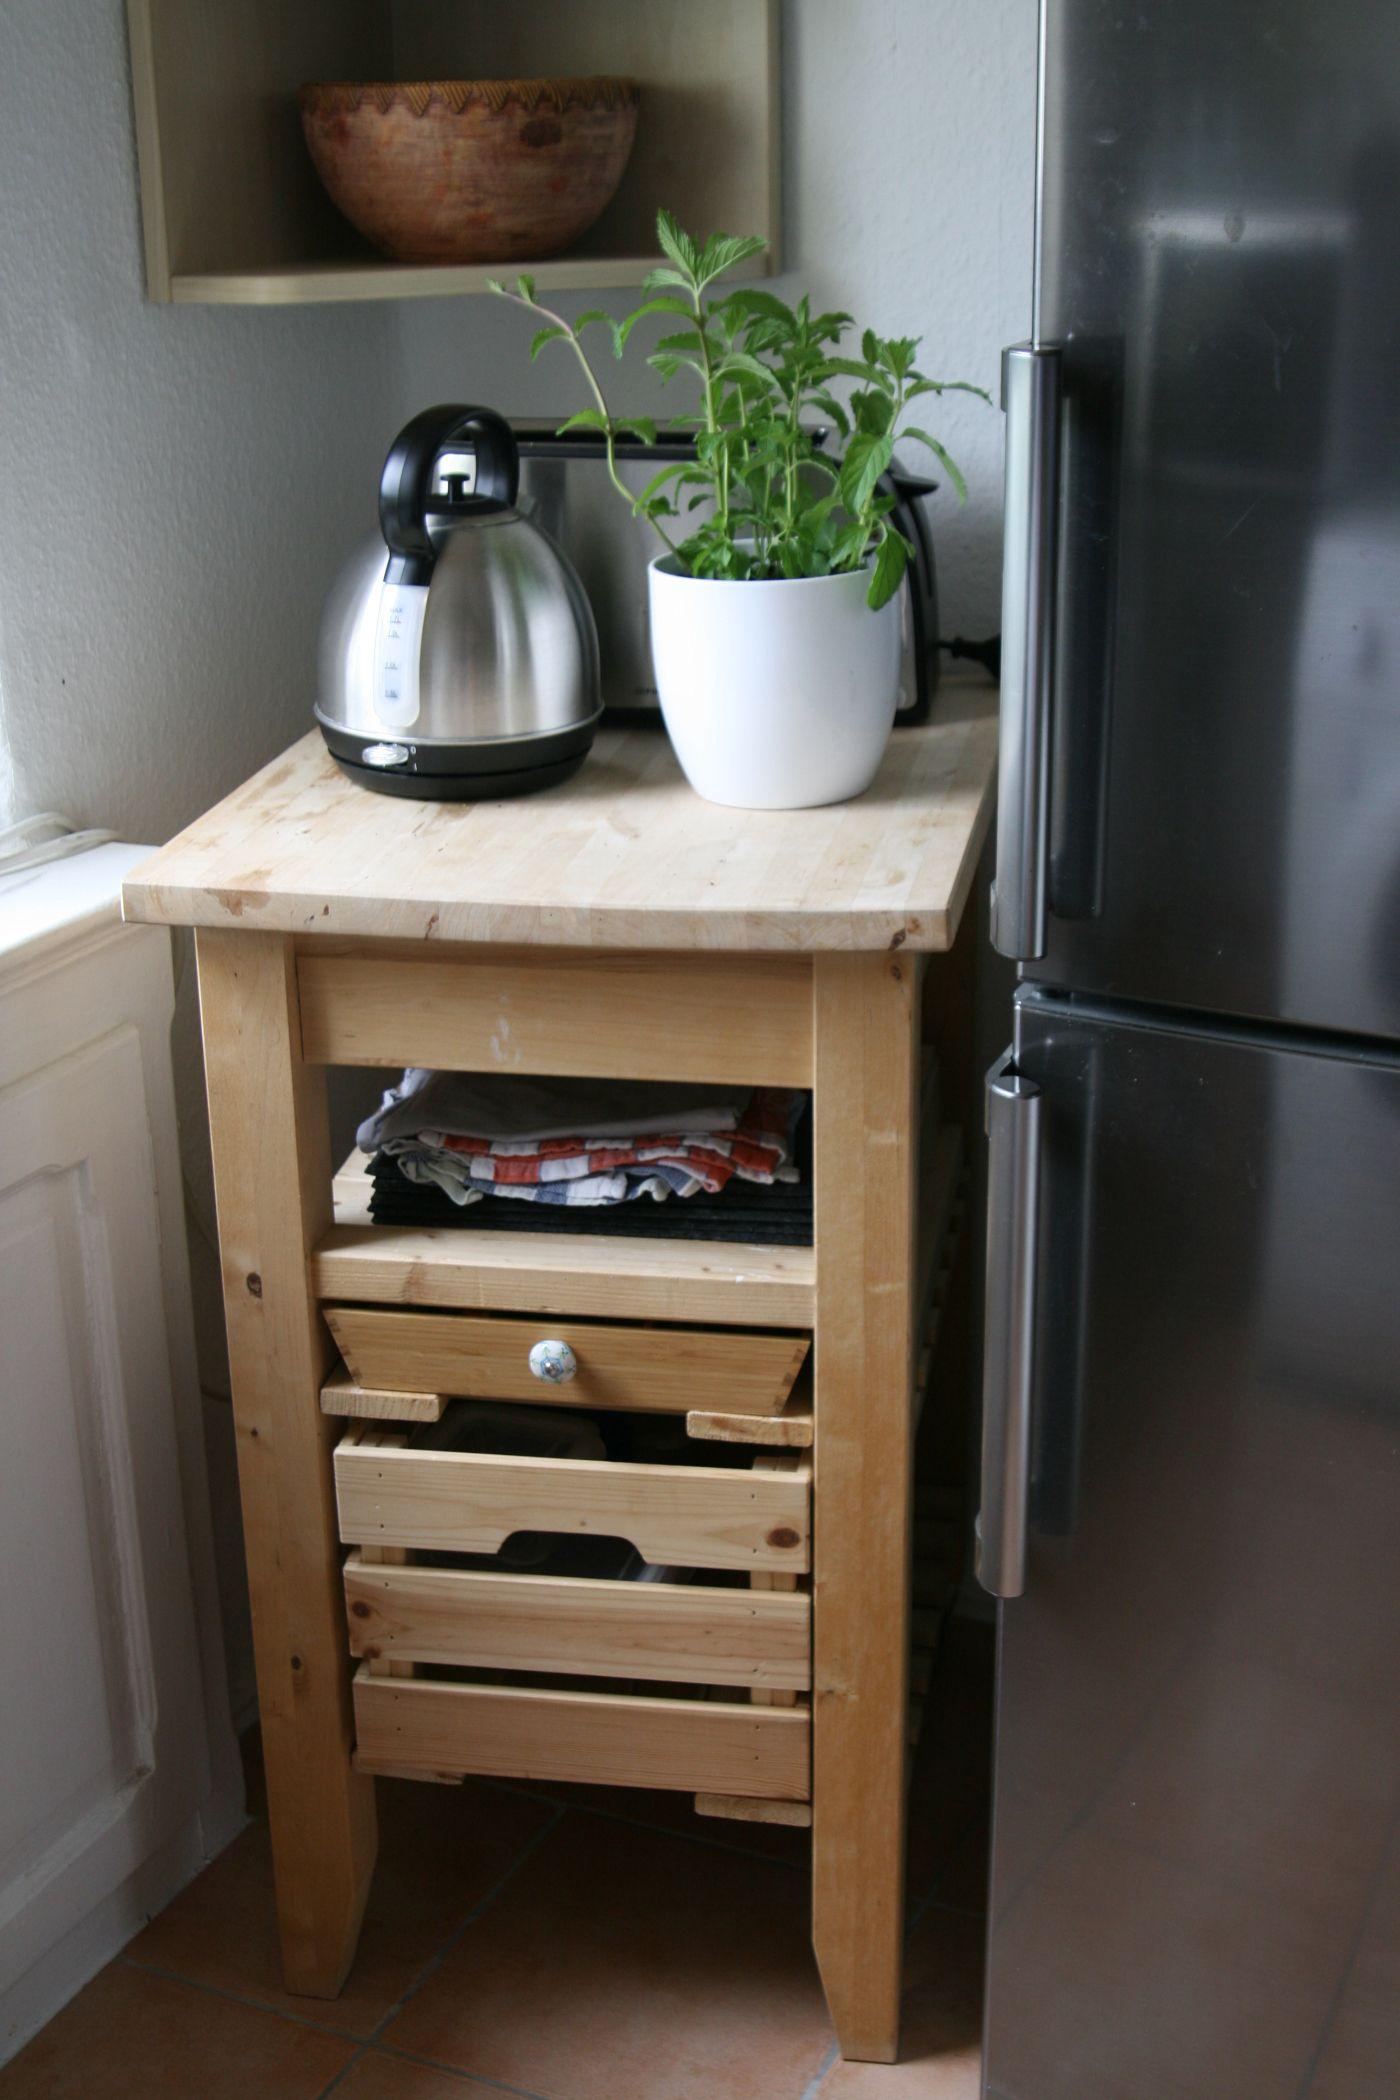 Full Size of Küchenregal Ikea Hack Kchenregal Küche Kaufen Sofa Mit Schlaffunktion Miniküche Betten Bei Modulküche Kosten 160x200 Wohnzimmer Küchenregal Ikea